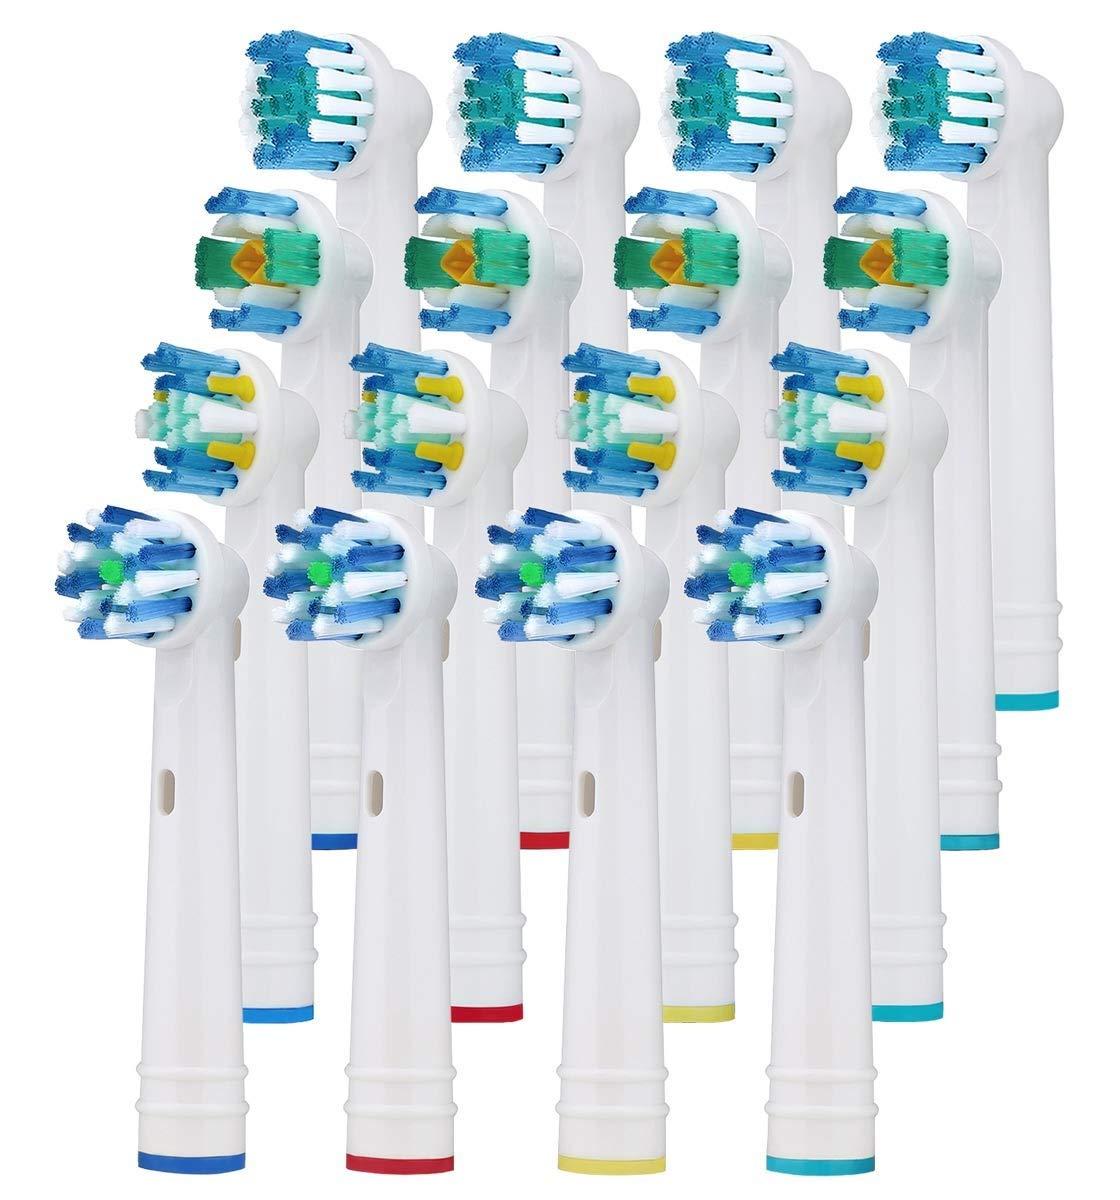 16 Cabezales de recambio compatibles con cepillo de dientes ...